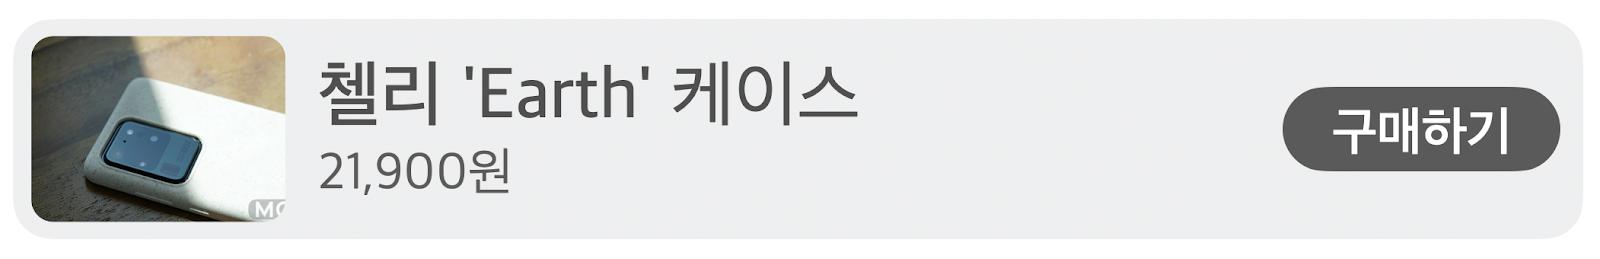 https://smartstore.naver.com/hyodongkorea/search?q=%EC%96%B4%EC%8A%A4